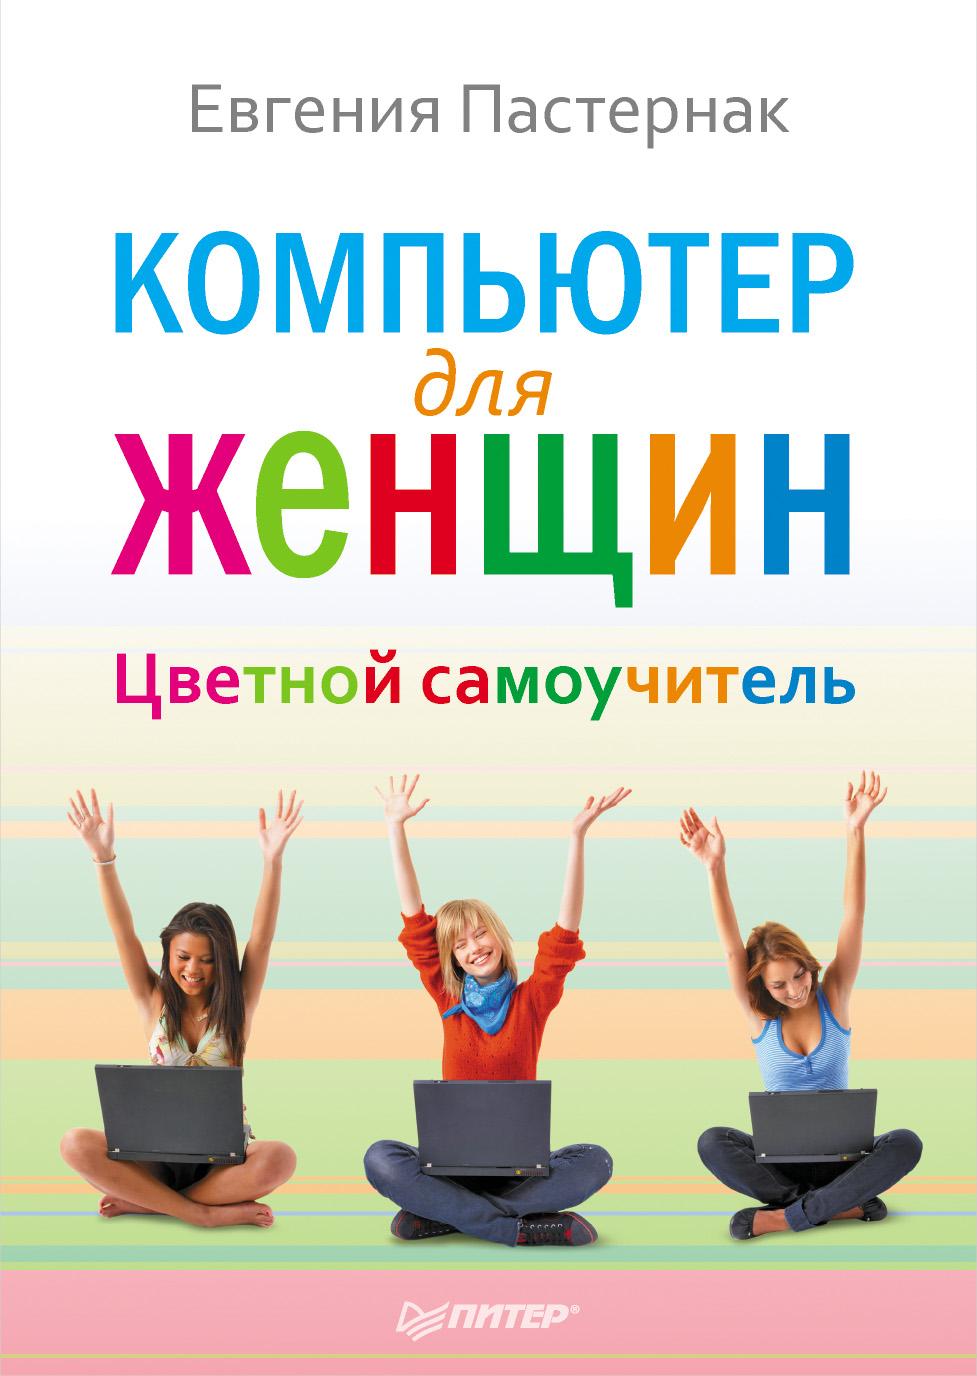 Евгения Пастернак Компьютер для женщин. Цветной самоучитель компьютер